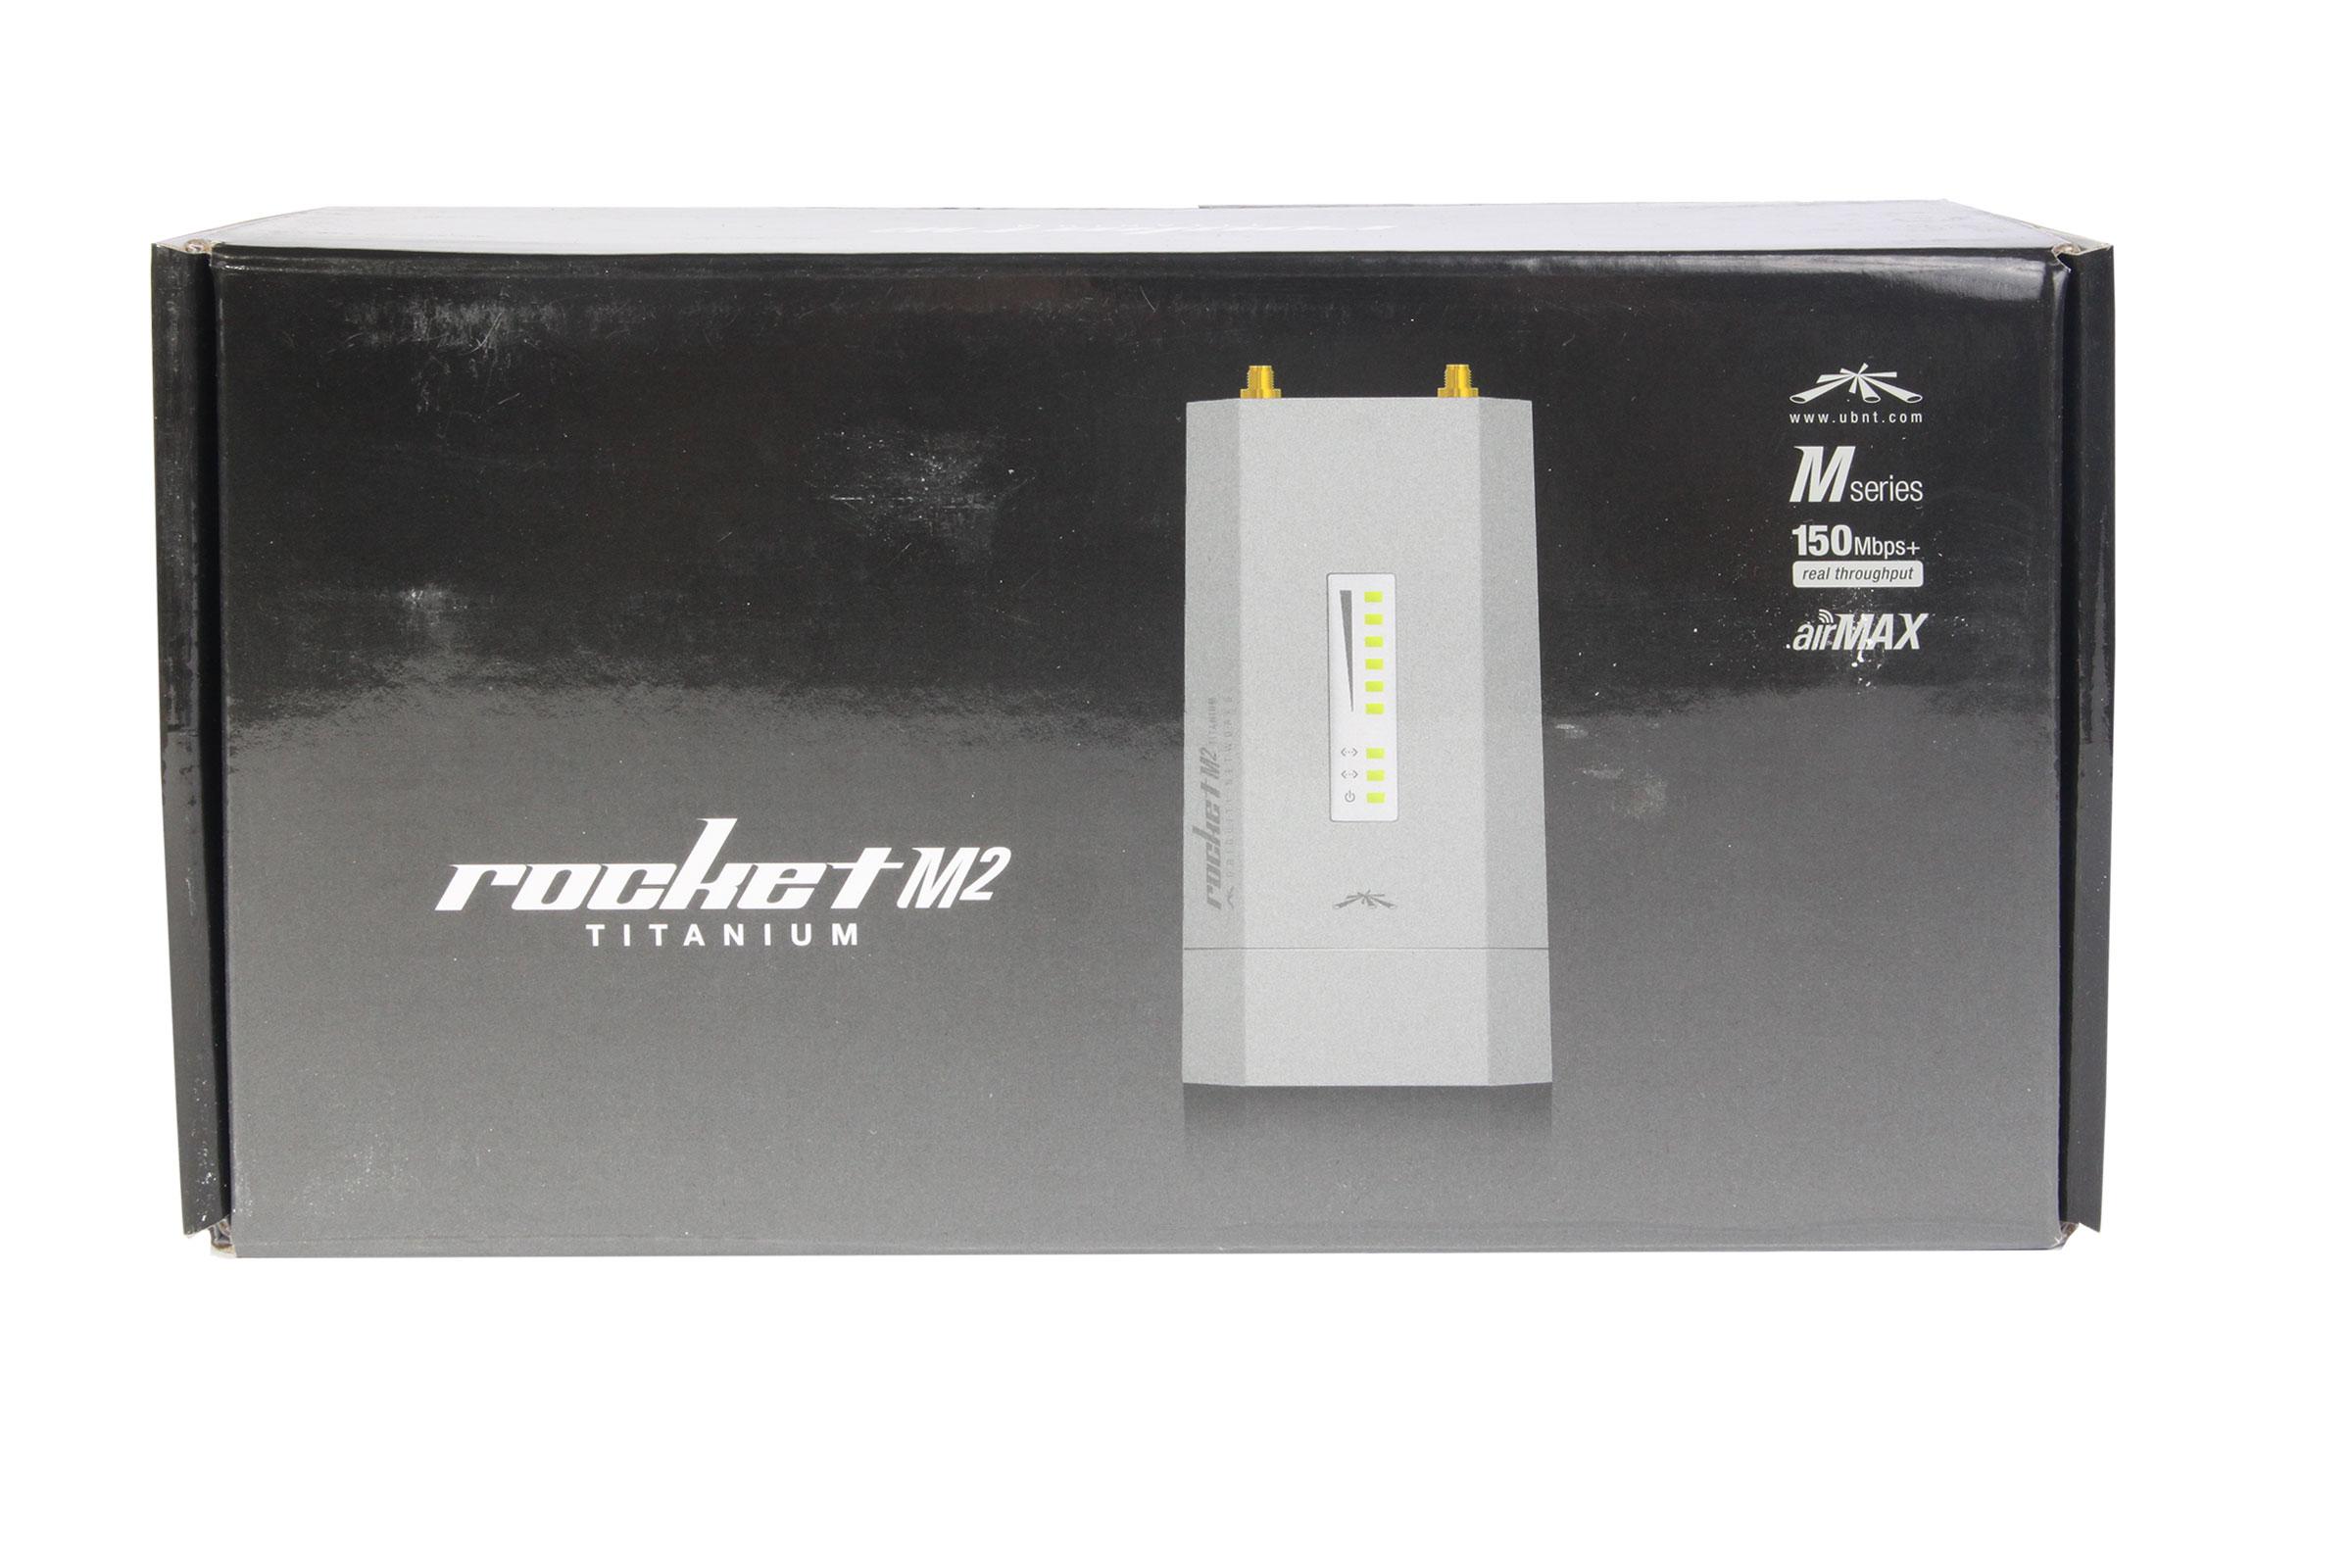 Ubiquiti Rocket M2 Titanium - упаковка